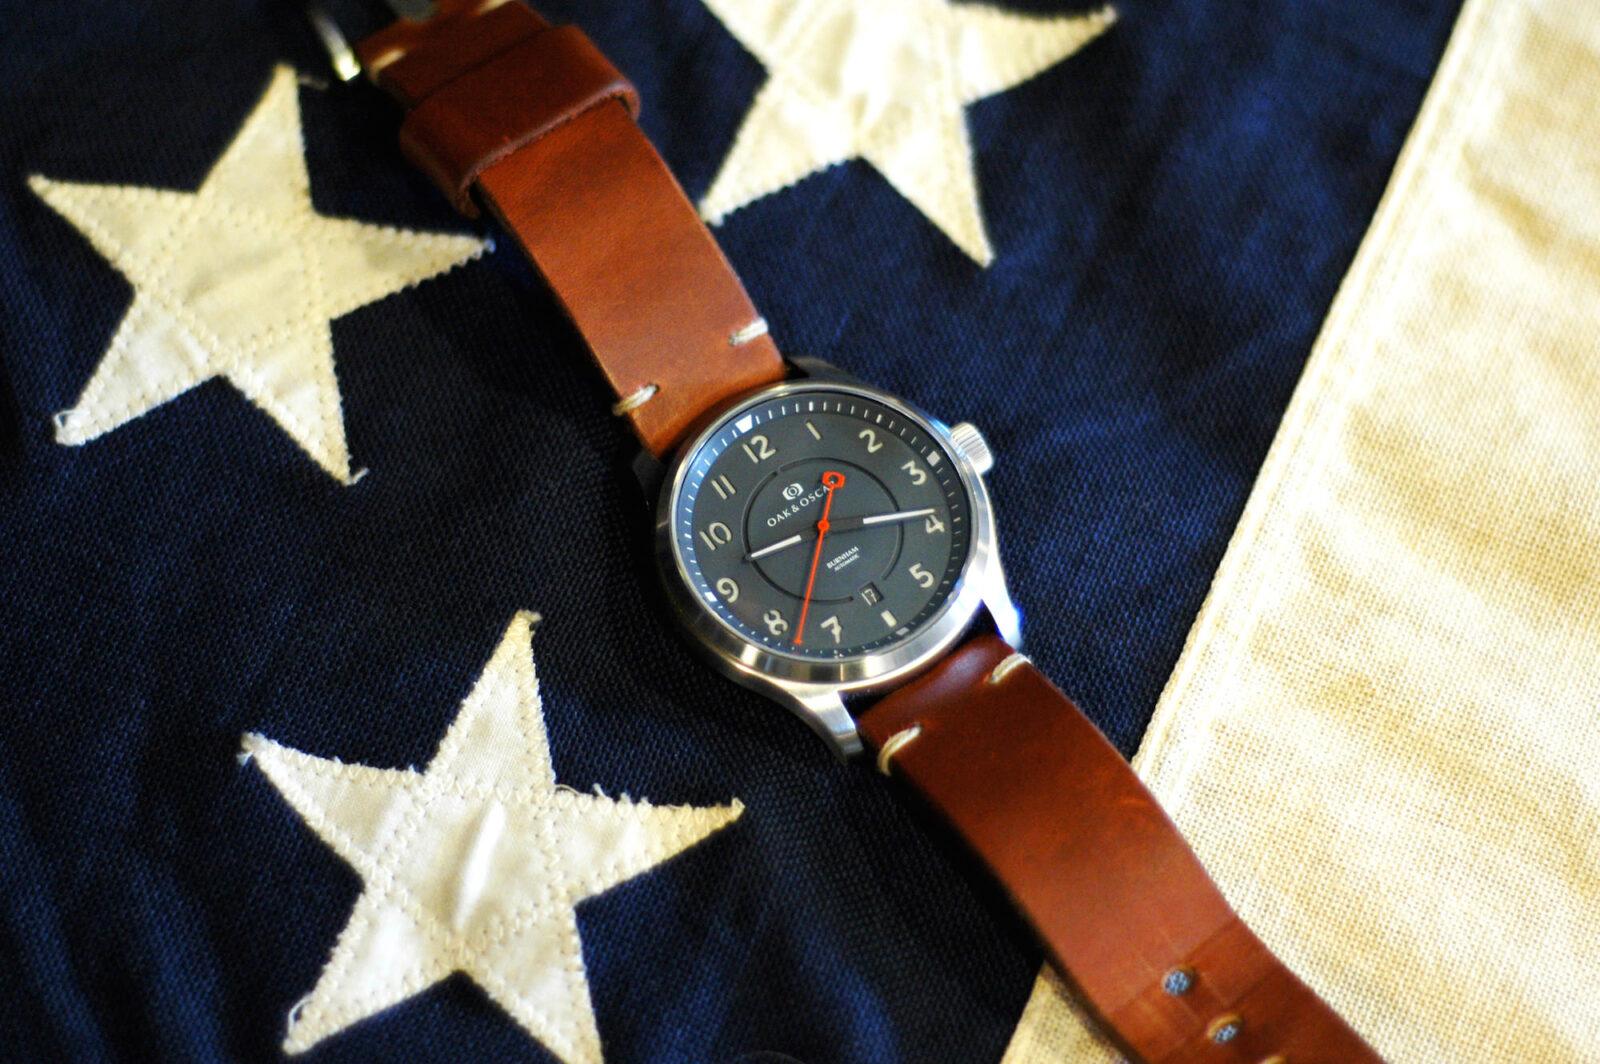 Burnham Watch by Oak Oscar 5 1600x1064 - Burnham Watch by Oak & Oscar